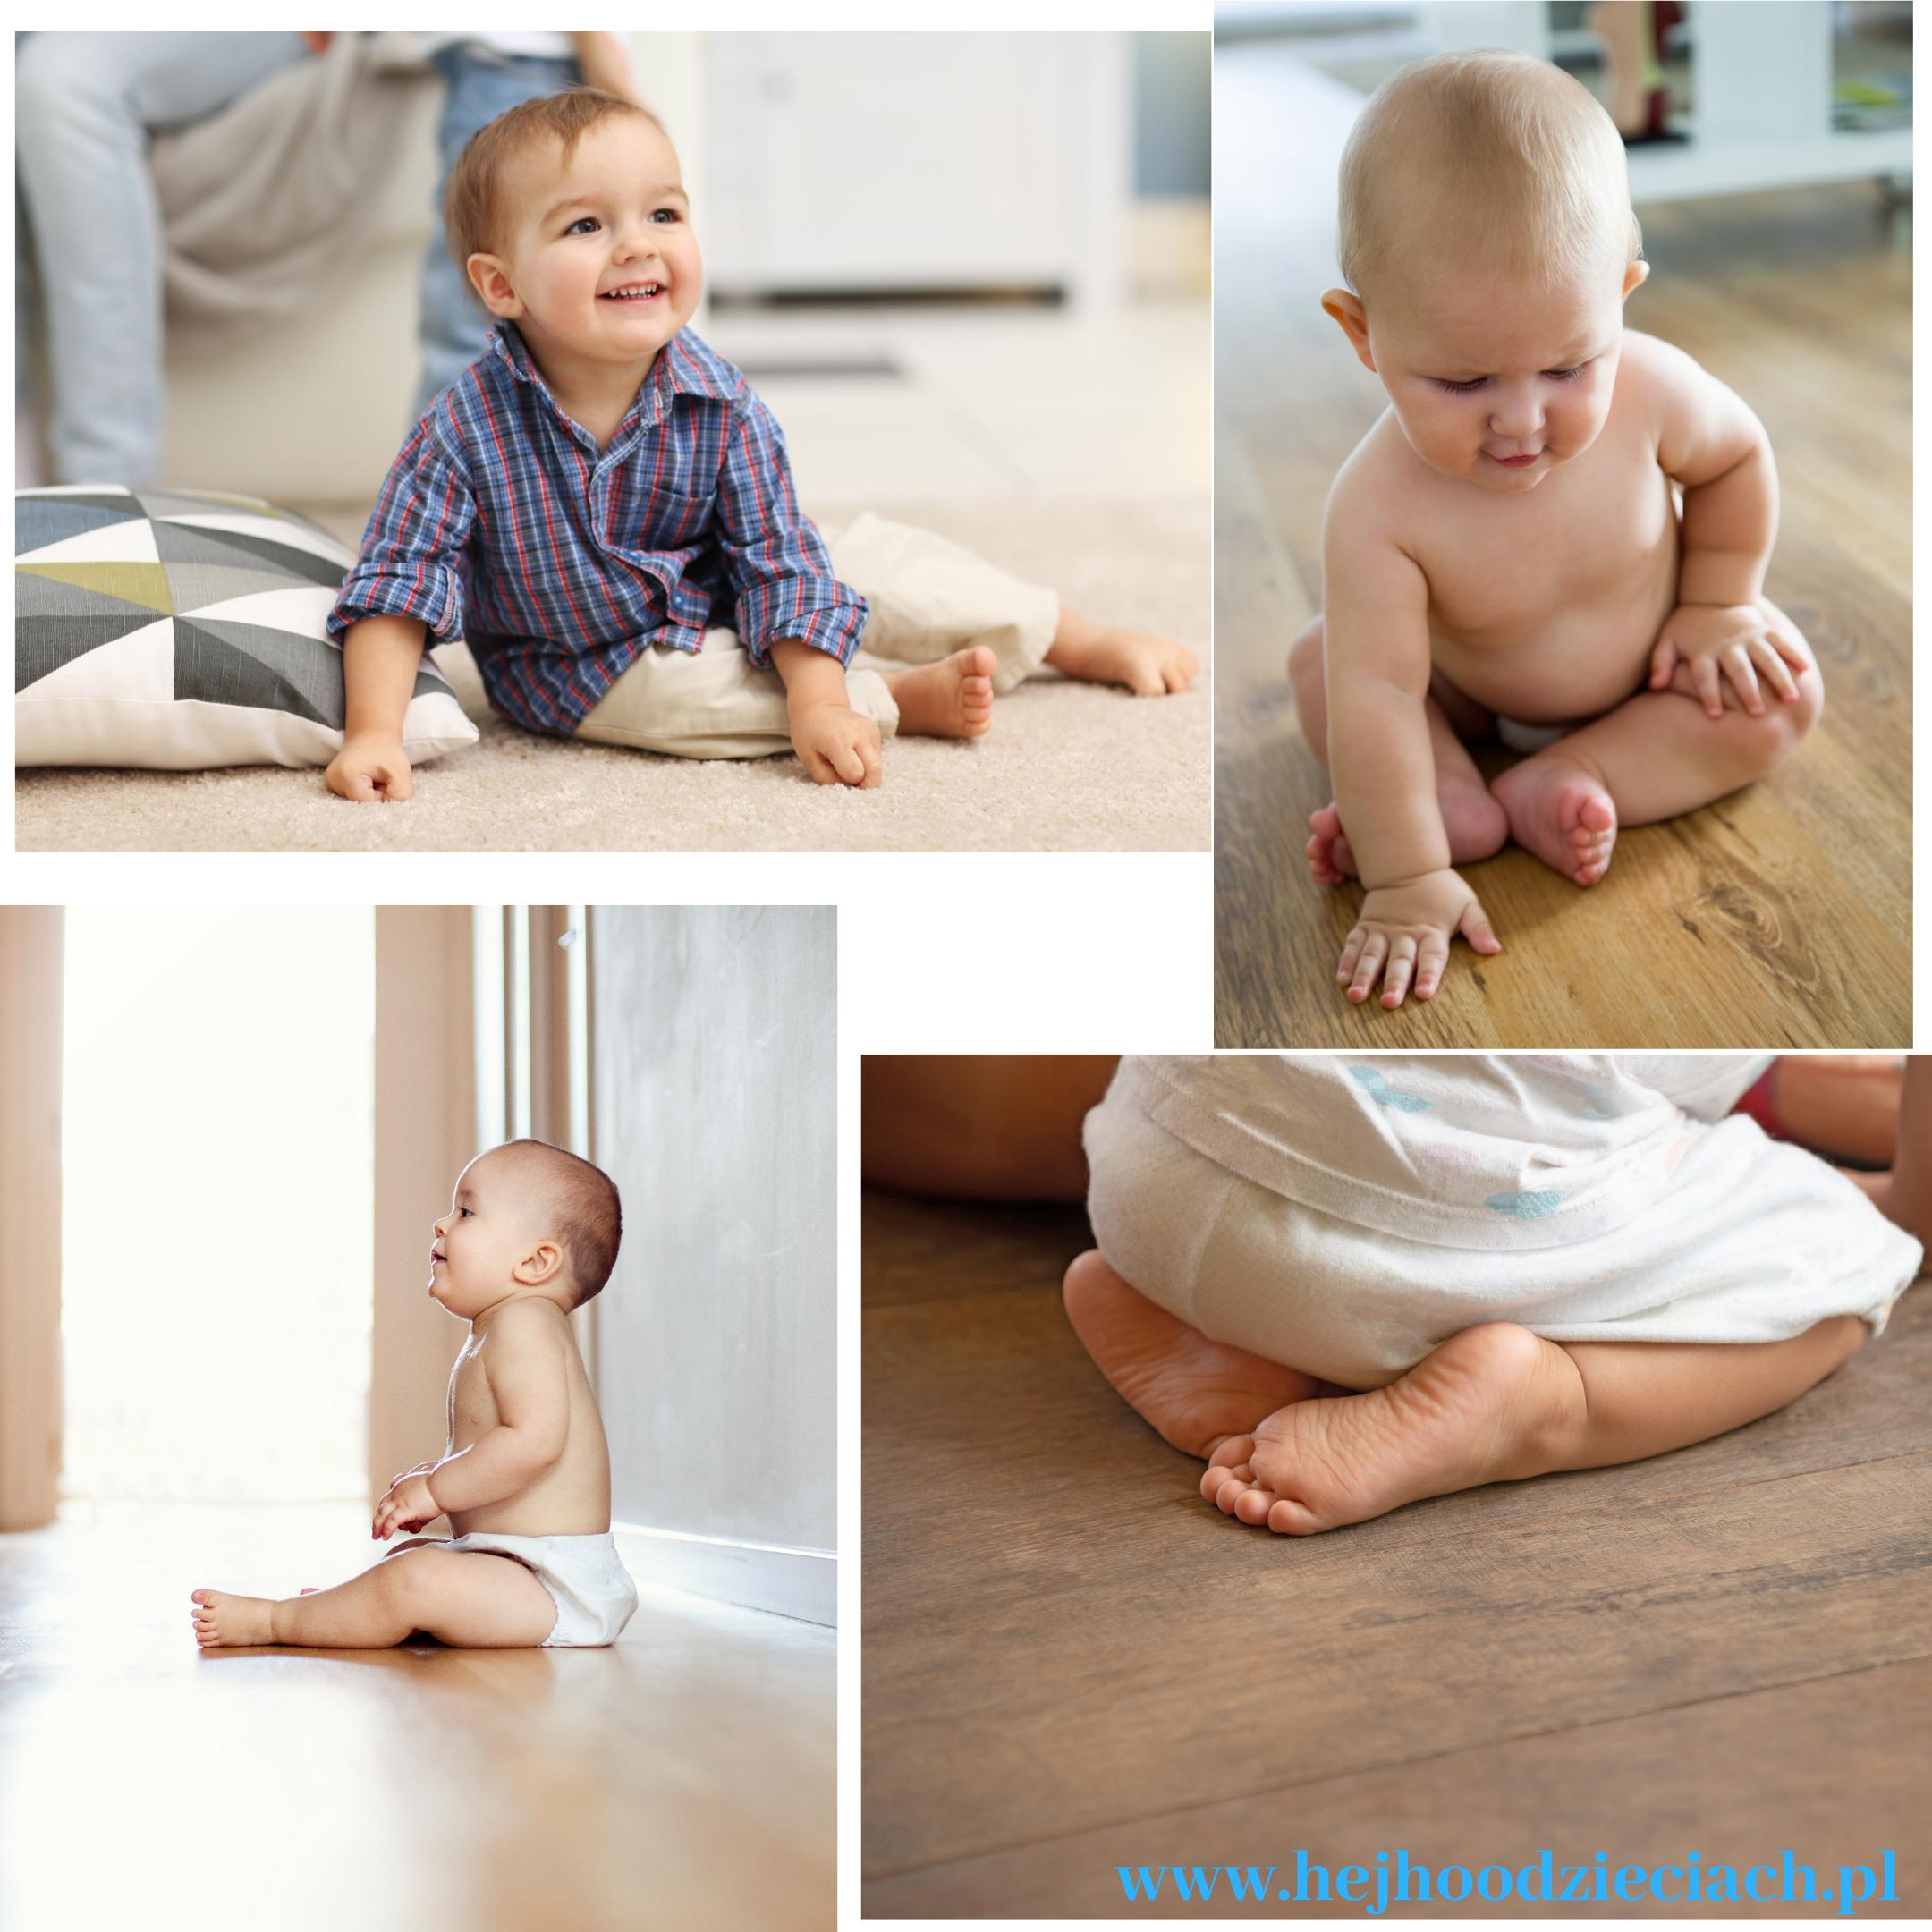 sadzanie niemowląt